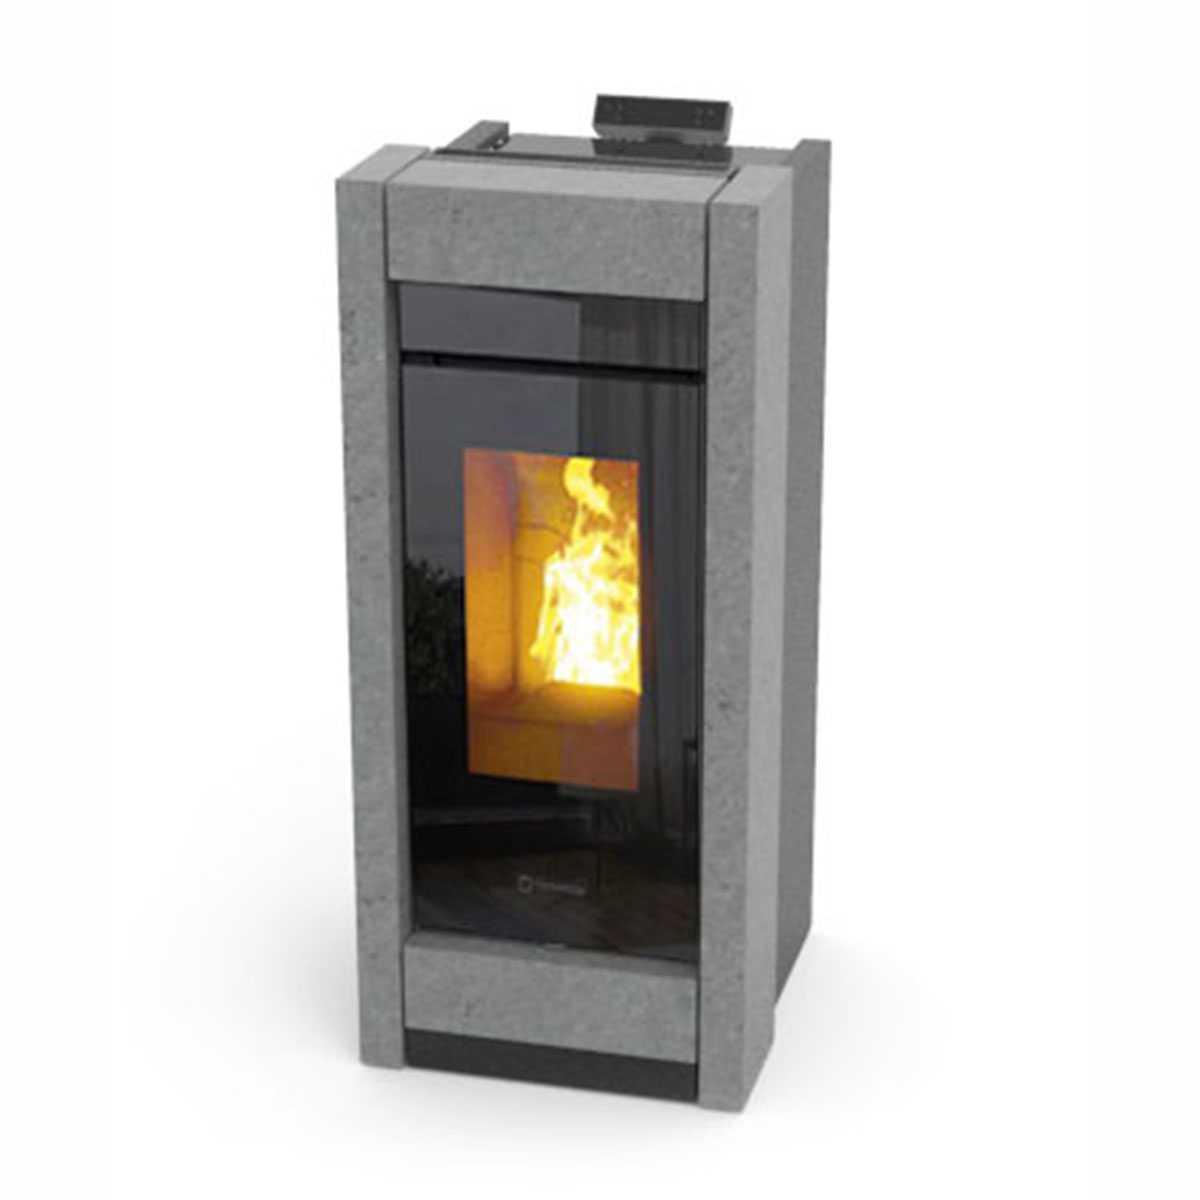 Stufa a pellet Essenza Stone Sistema Air Filter integrato -  13,2 kW con scaldavivande by Thermorossi